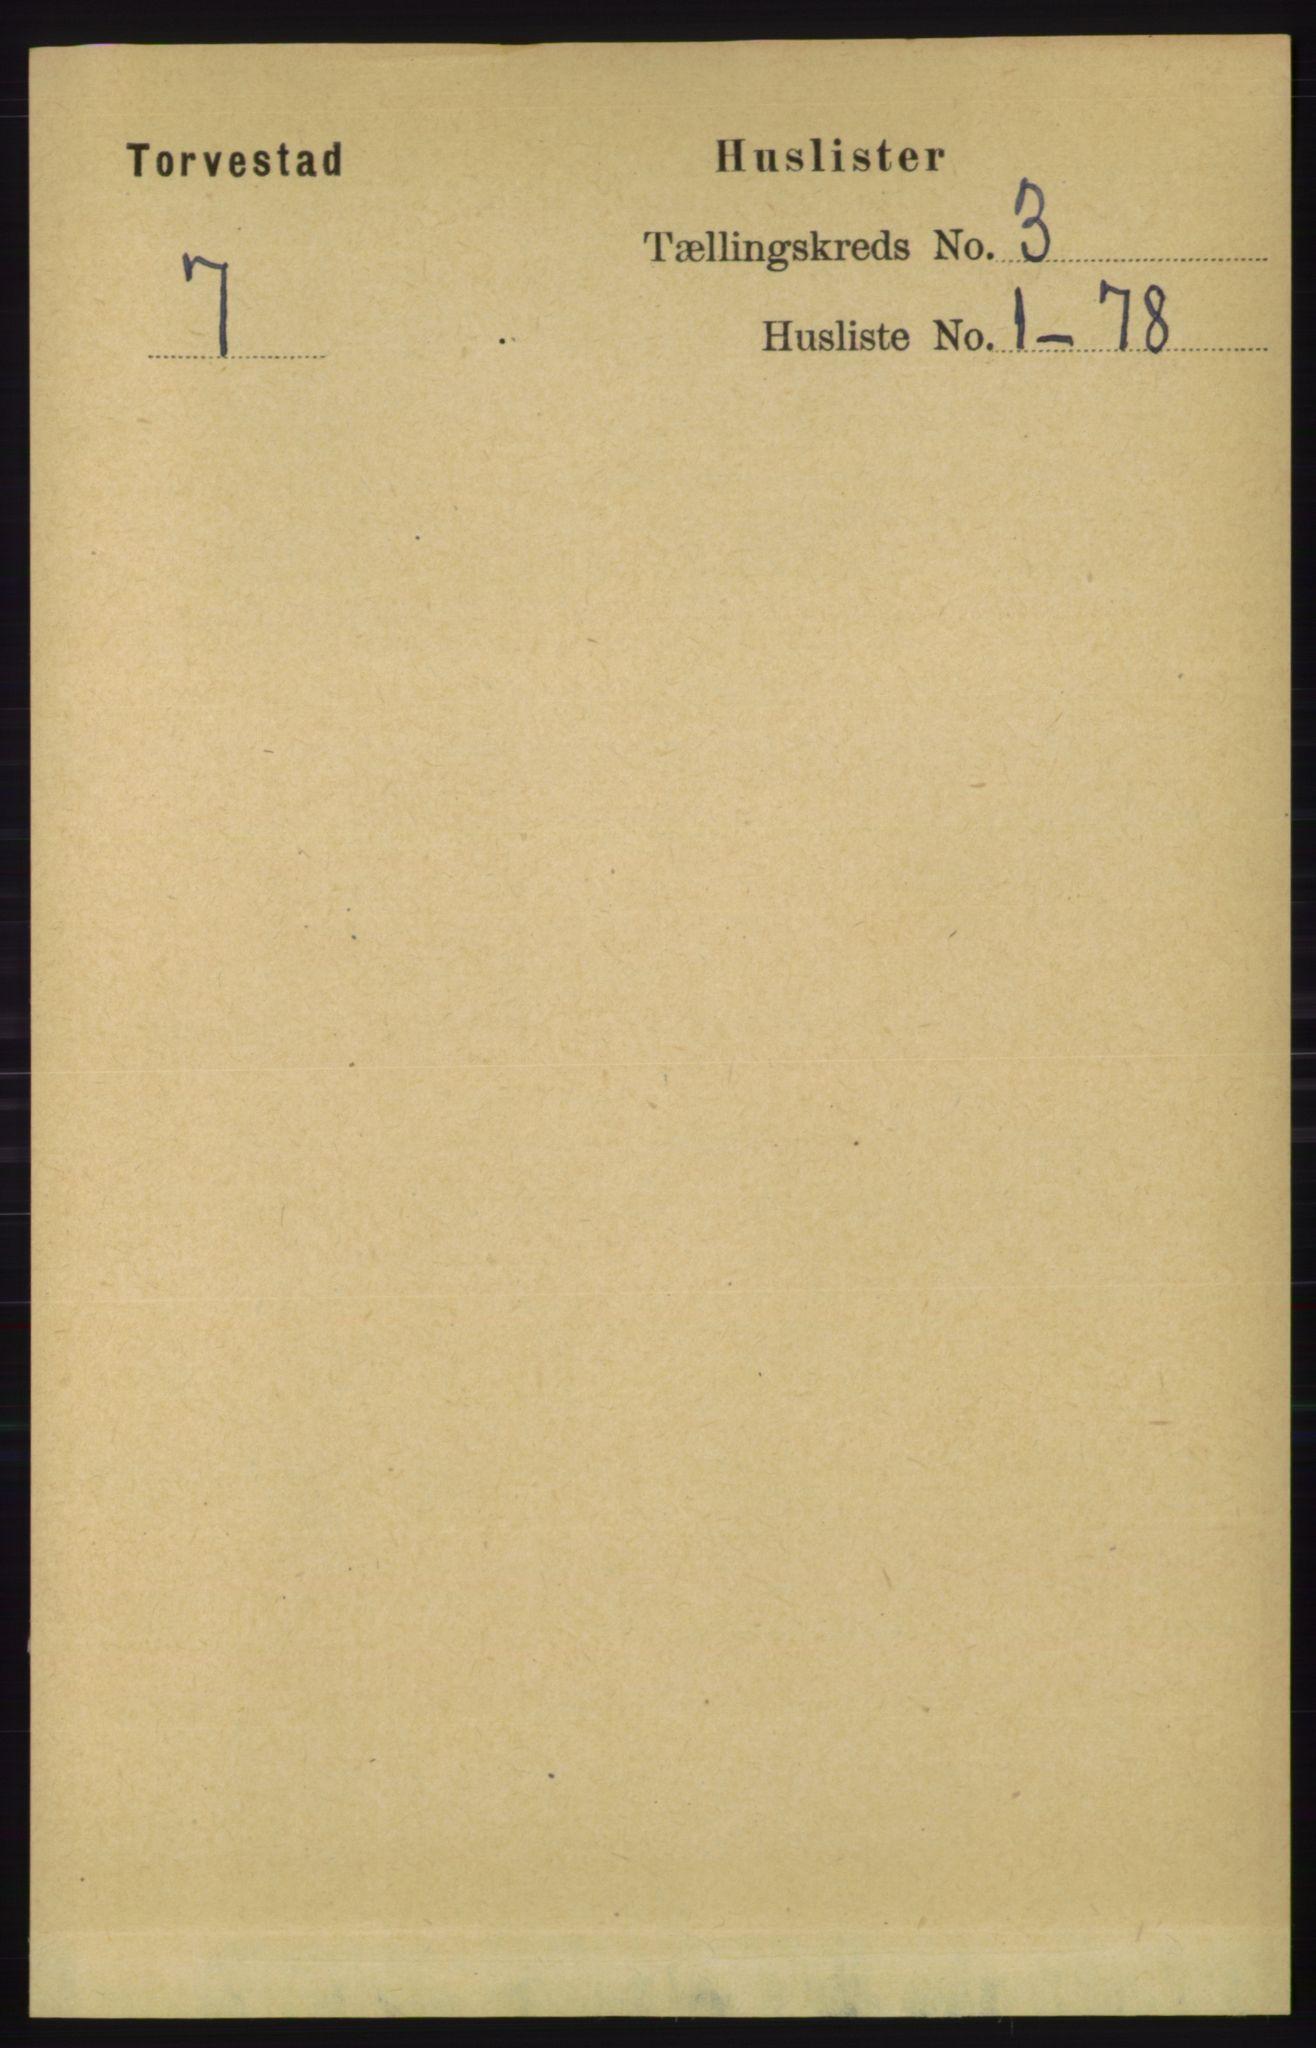 RA, Folketelling 1891 for 1152 Torvastad herred, 1891, s. 870